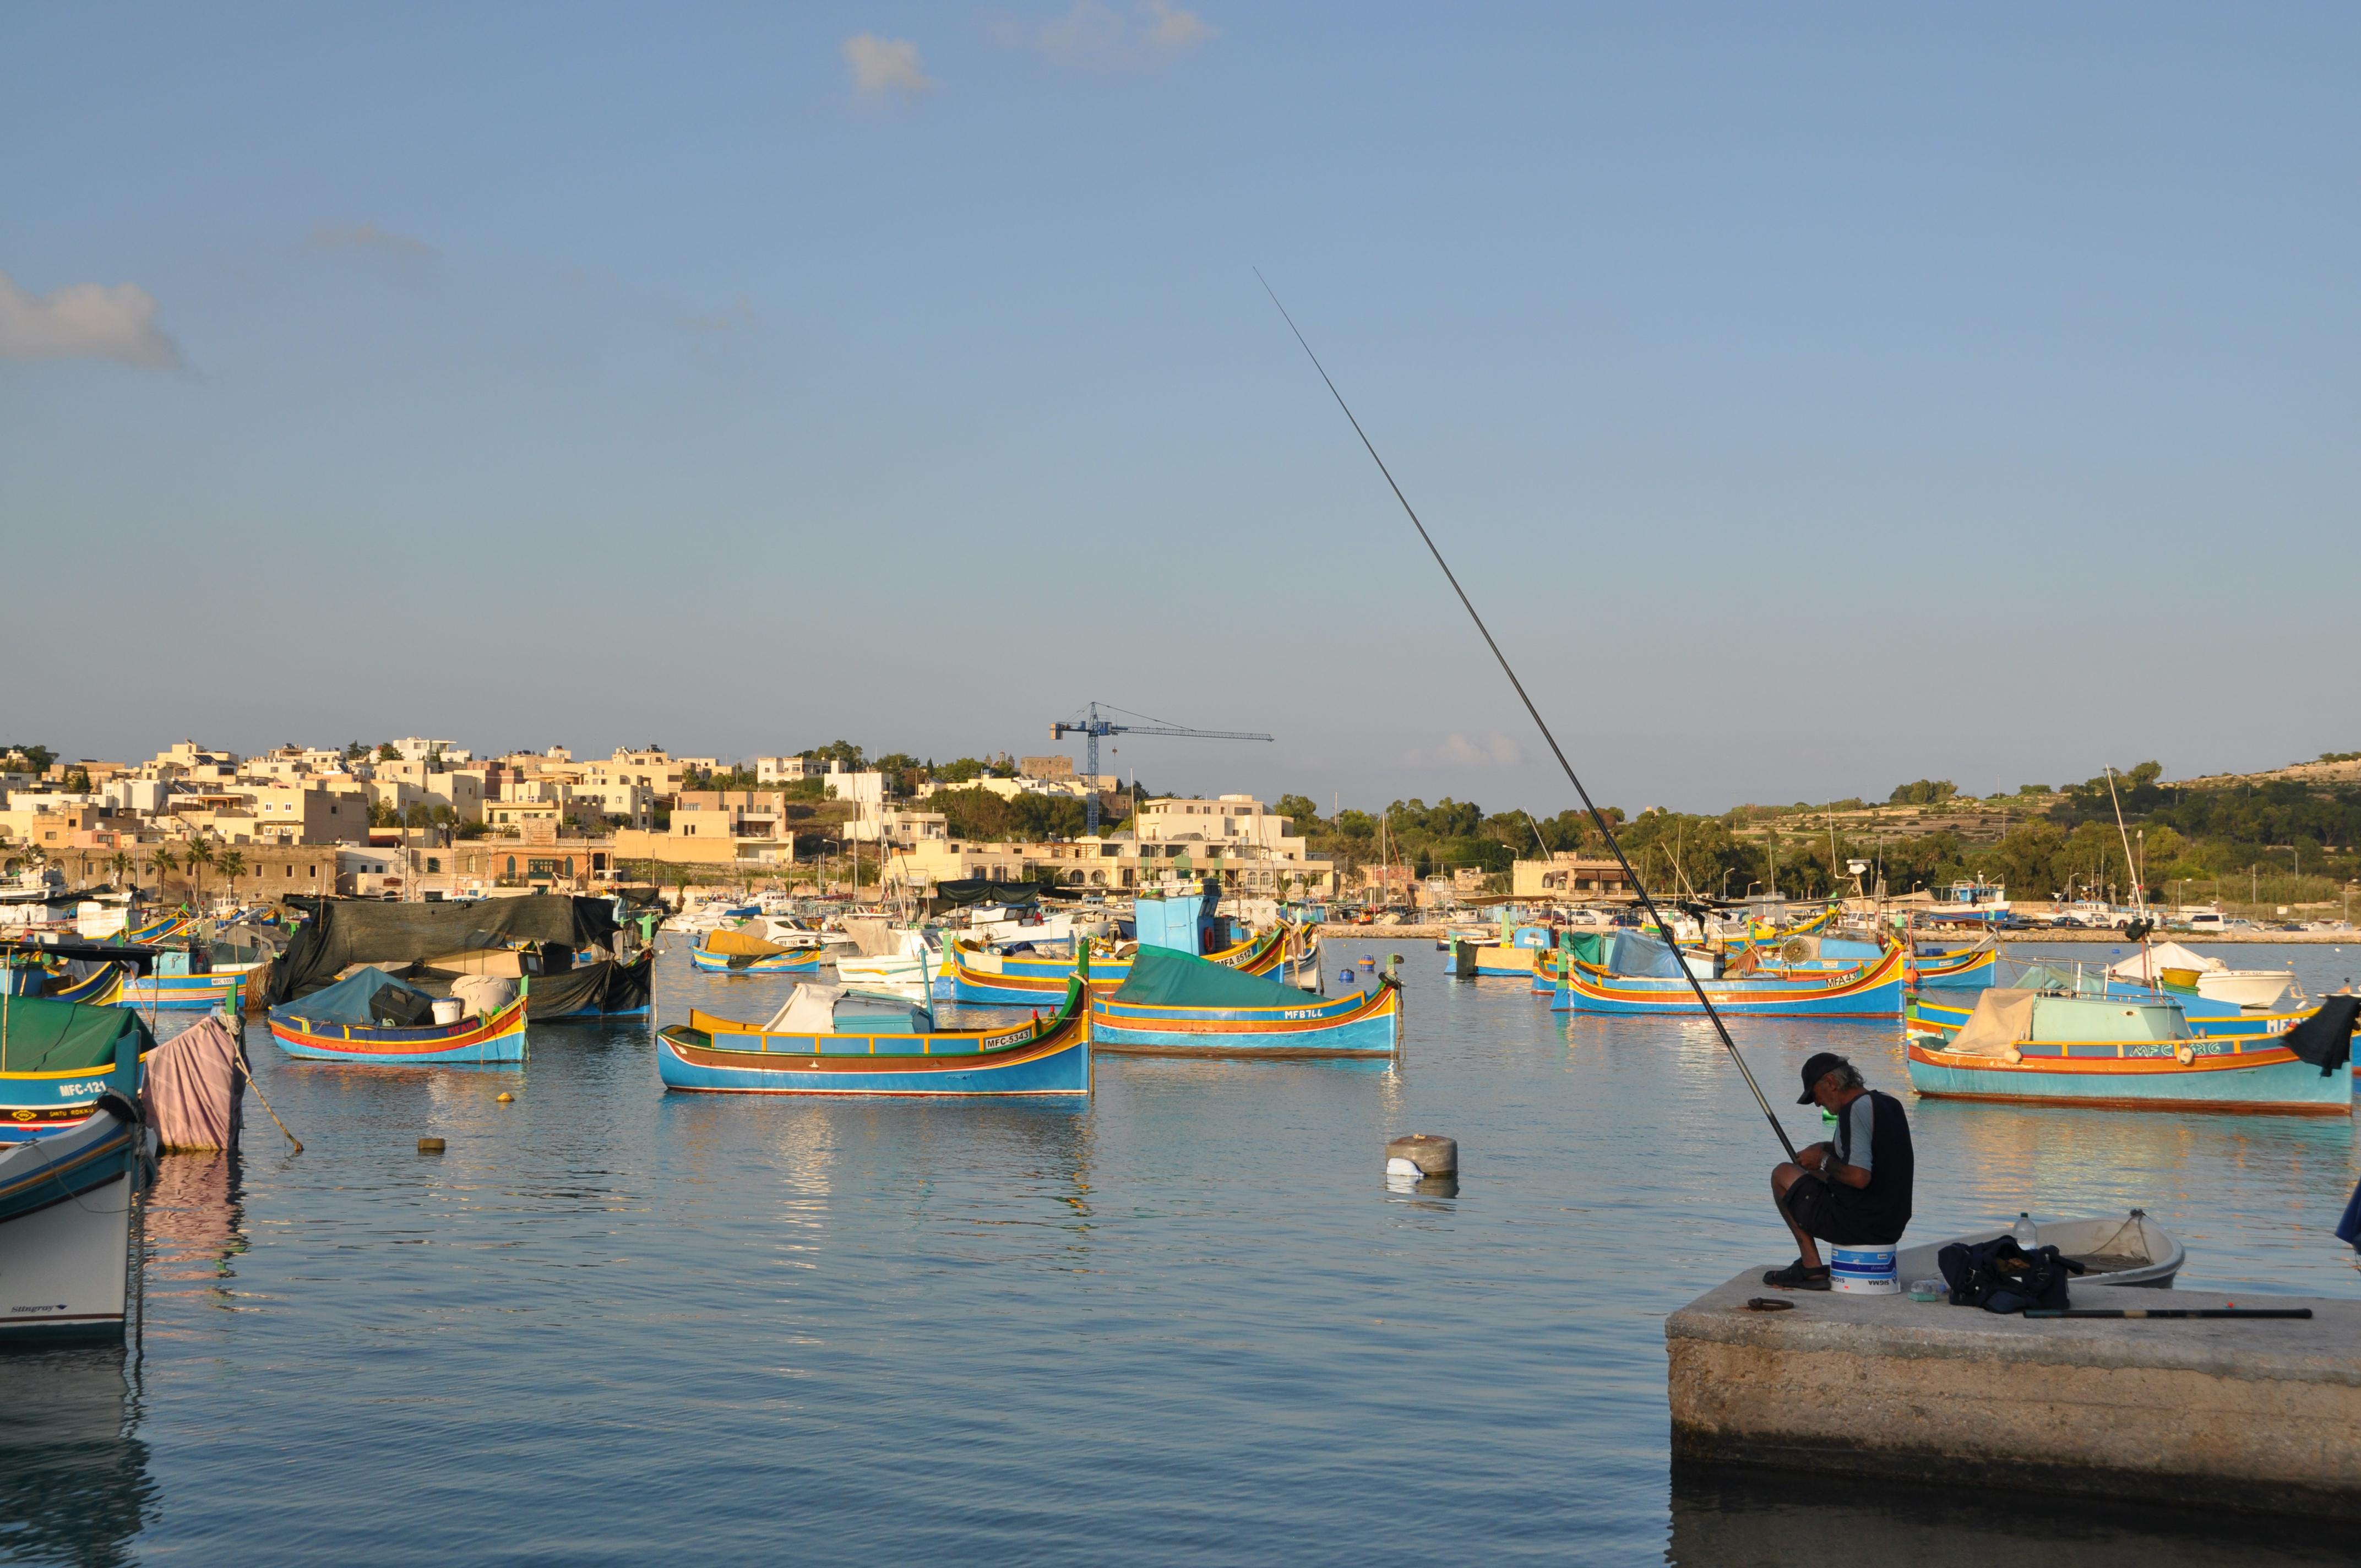 Malta, Marsaxlokk - Sept 21 2012 - 03